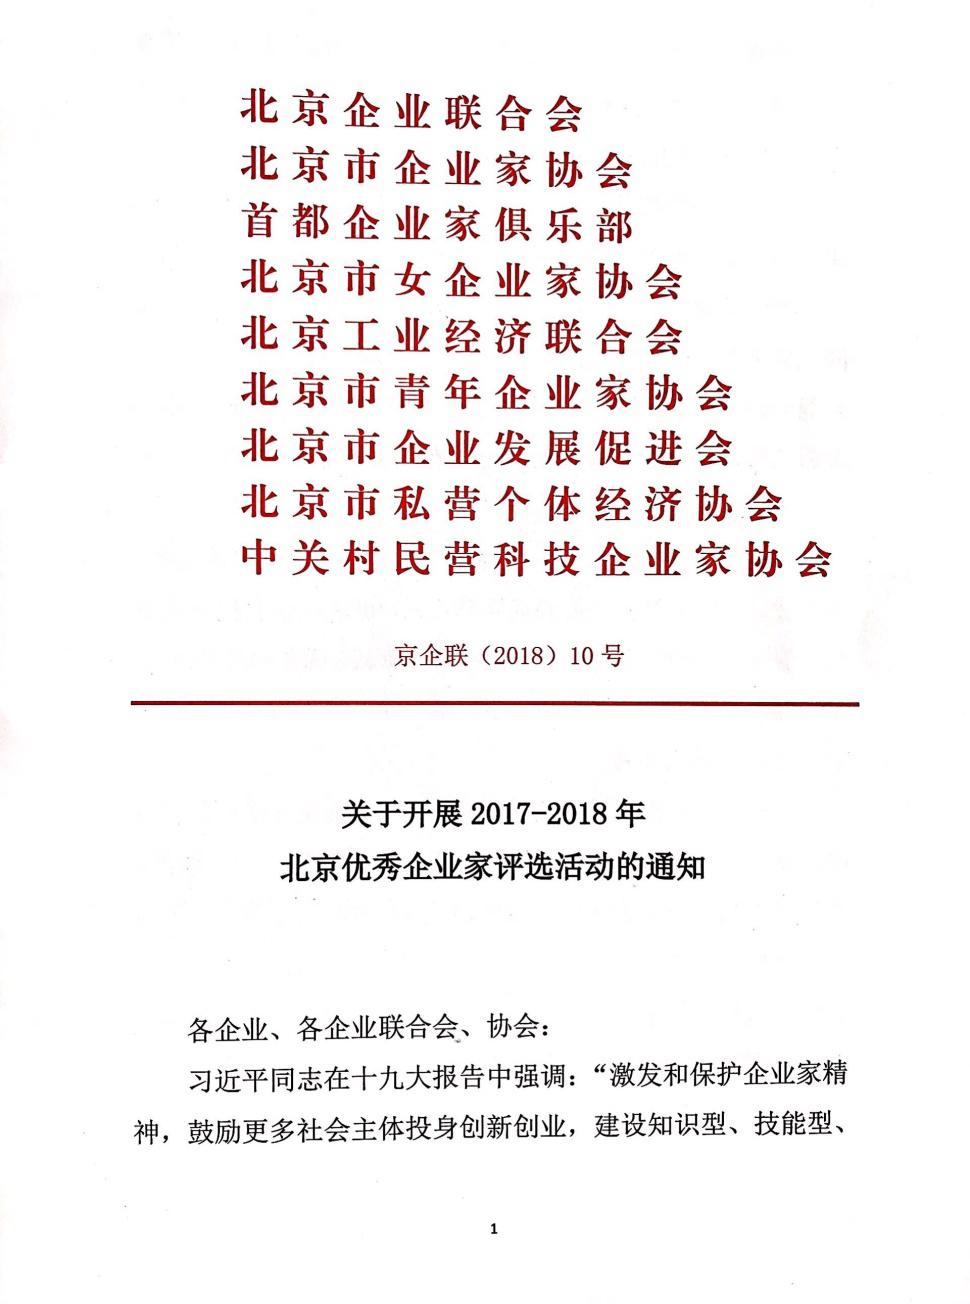 2017-2018年北京优秀企业家评选活动正式开始